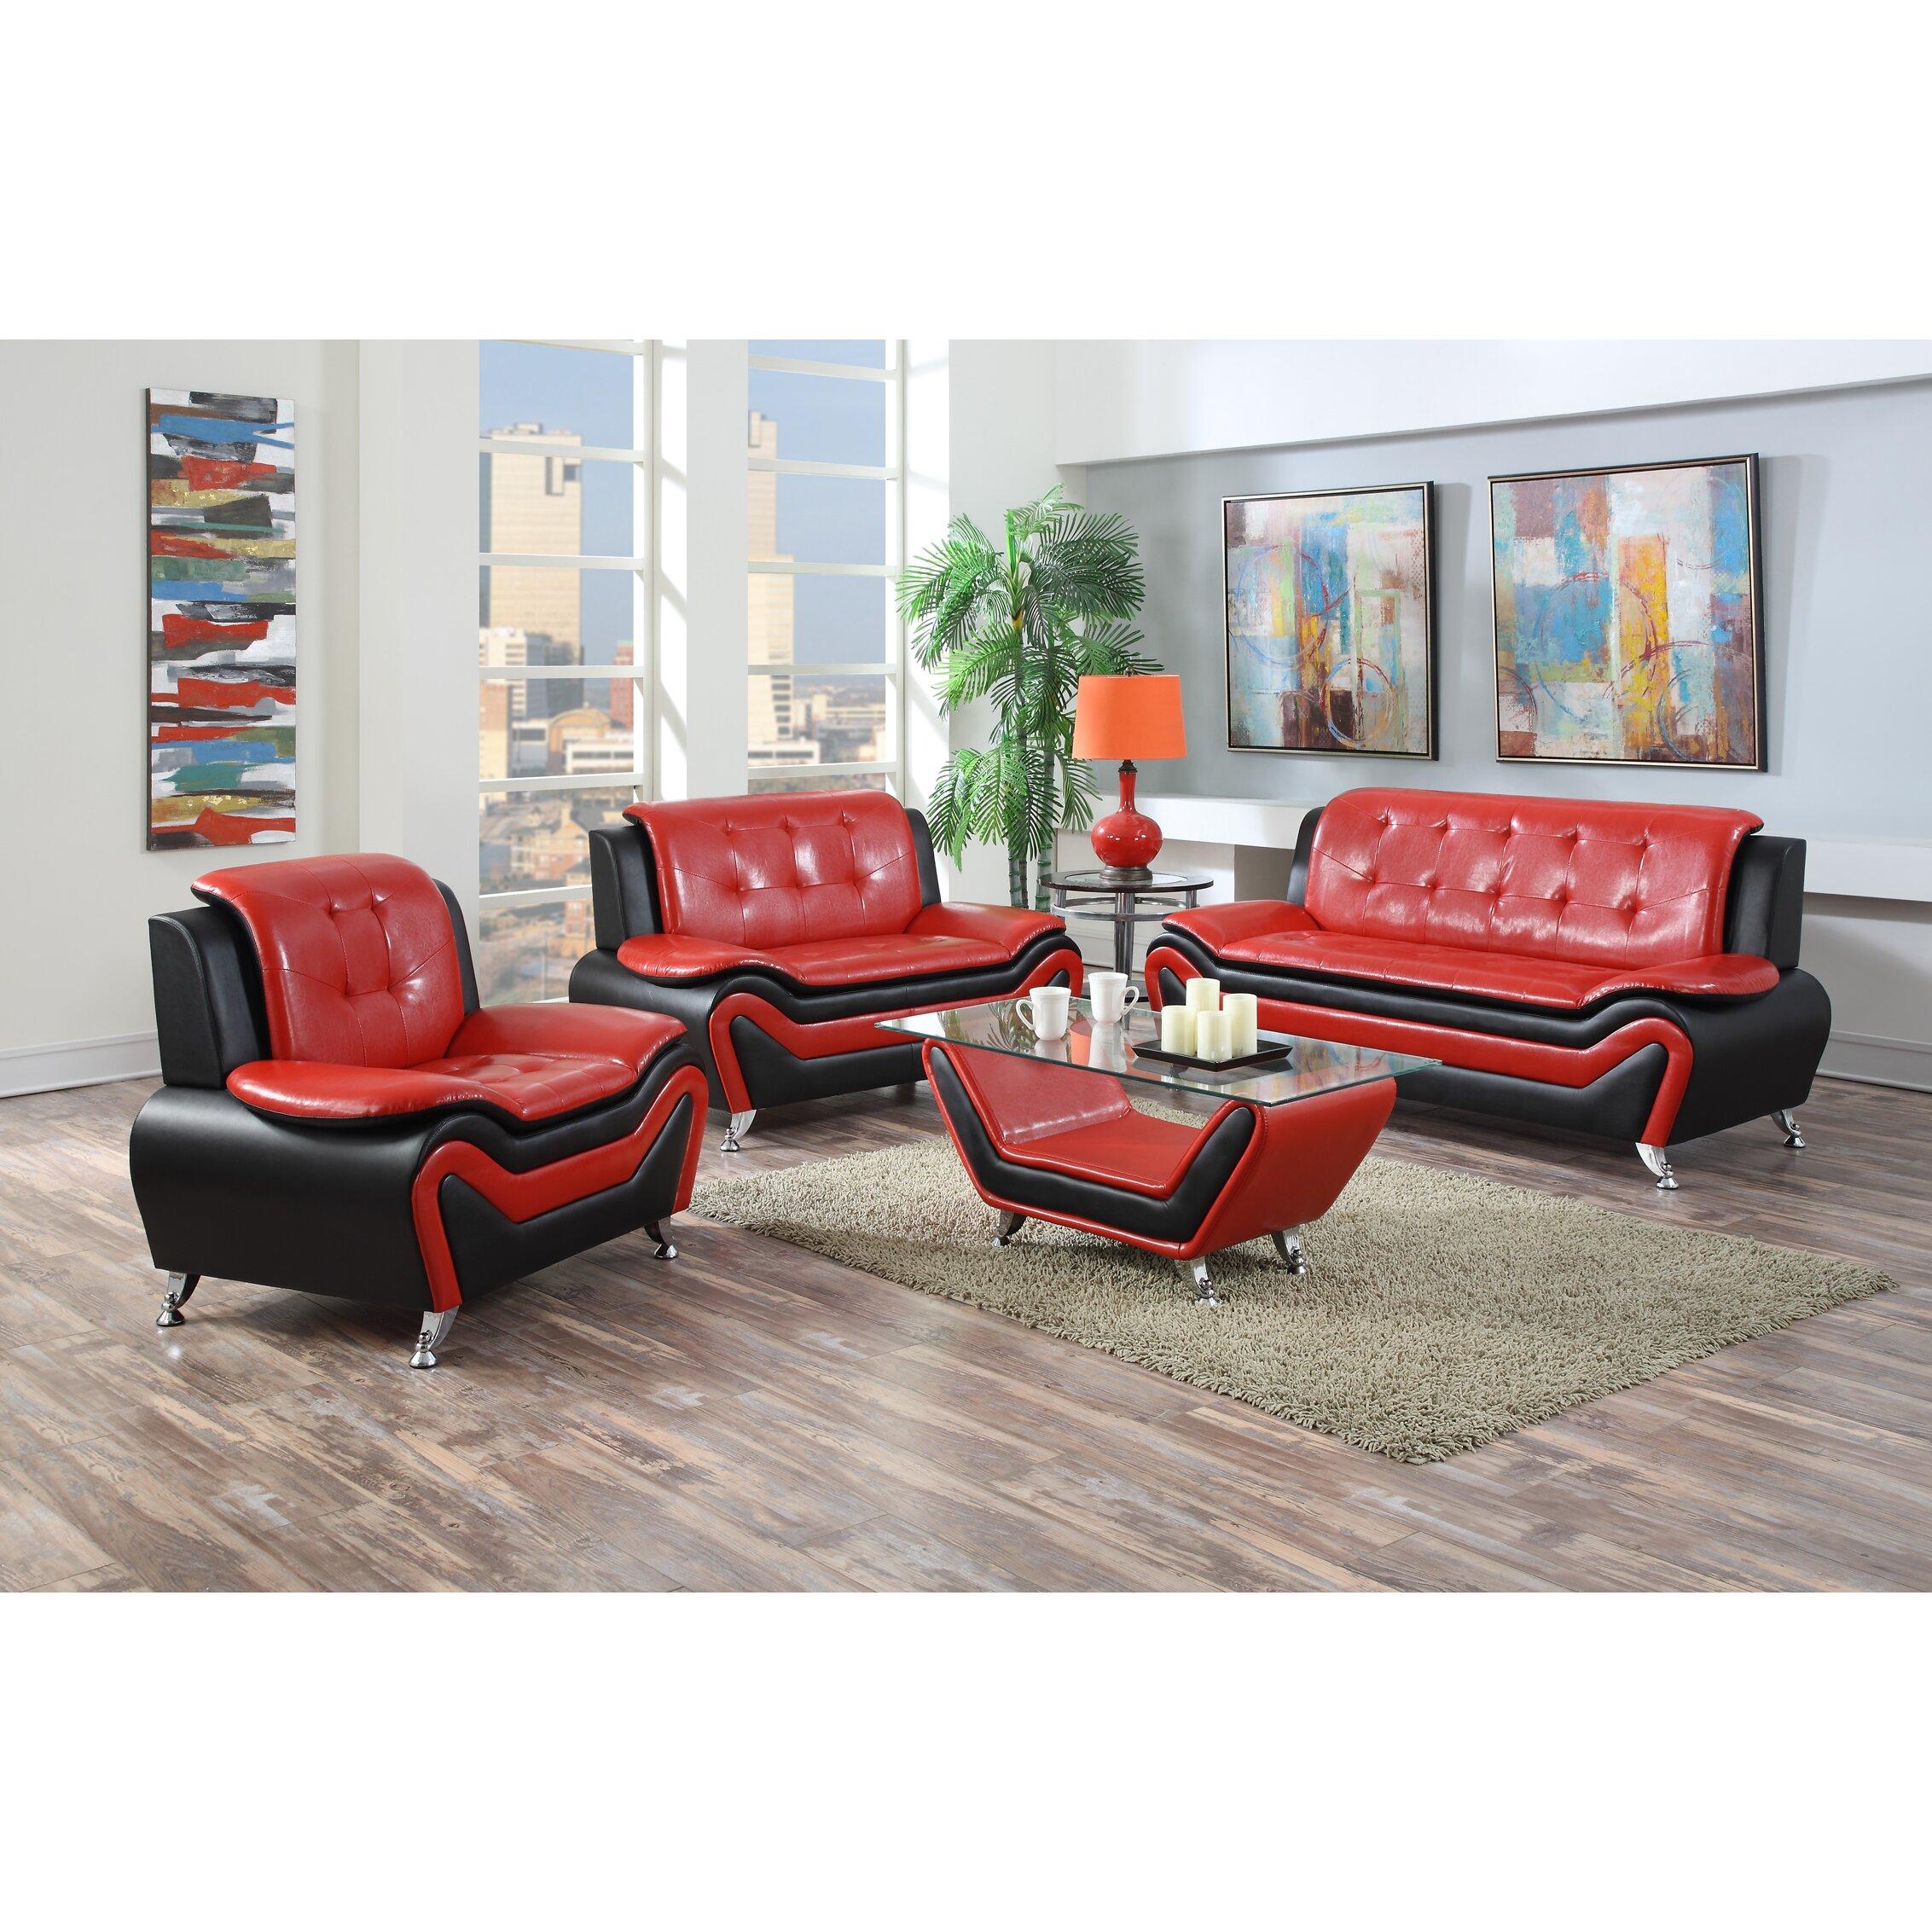 Container wanda 4 piece living room set reviews for 4 piece living room set